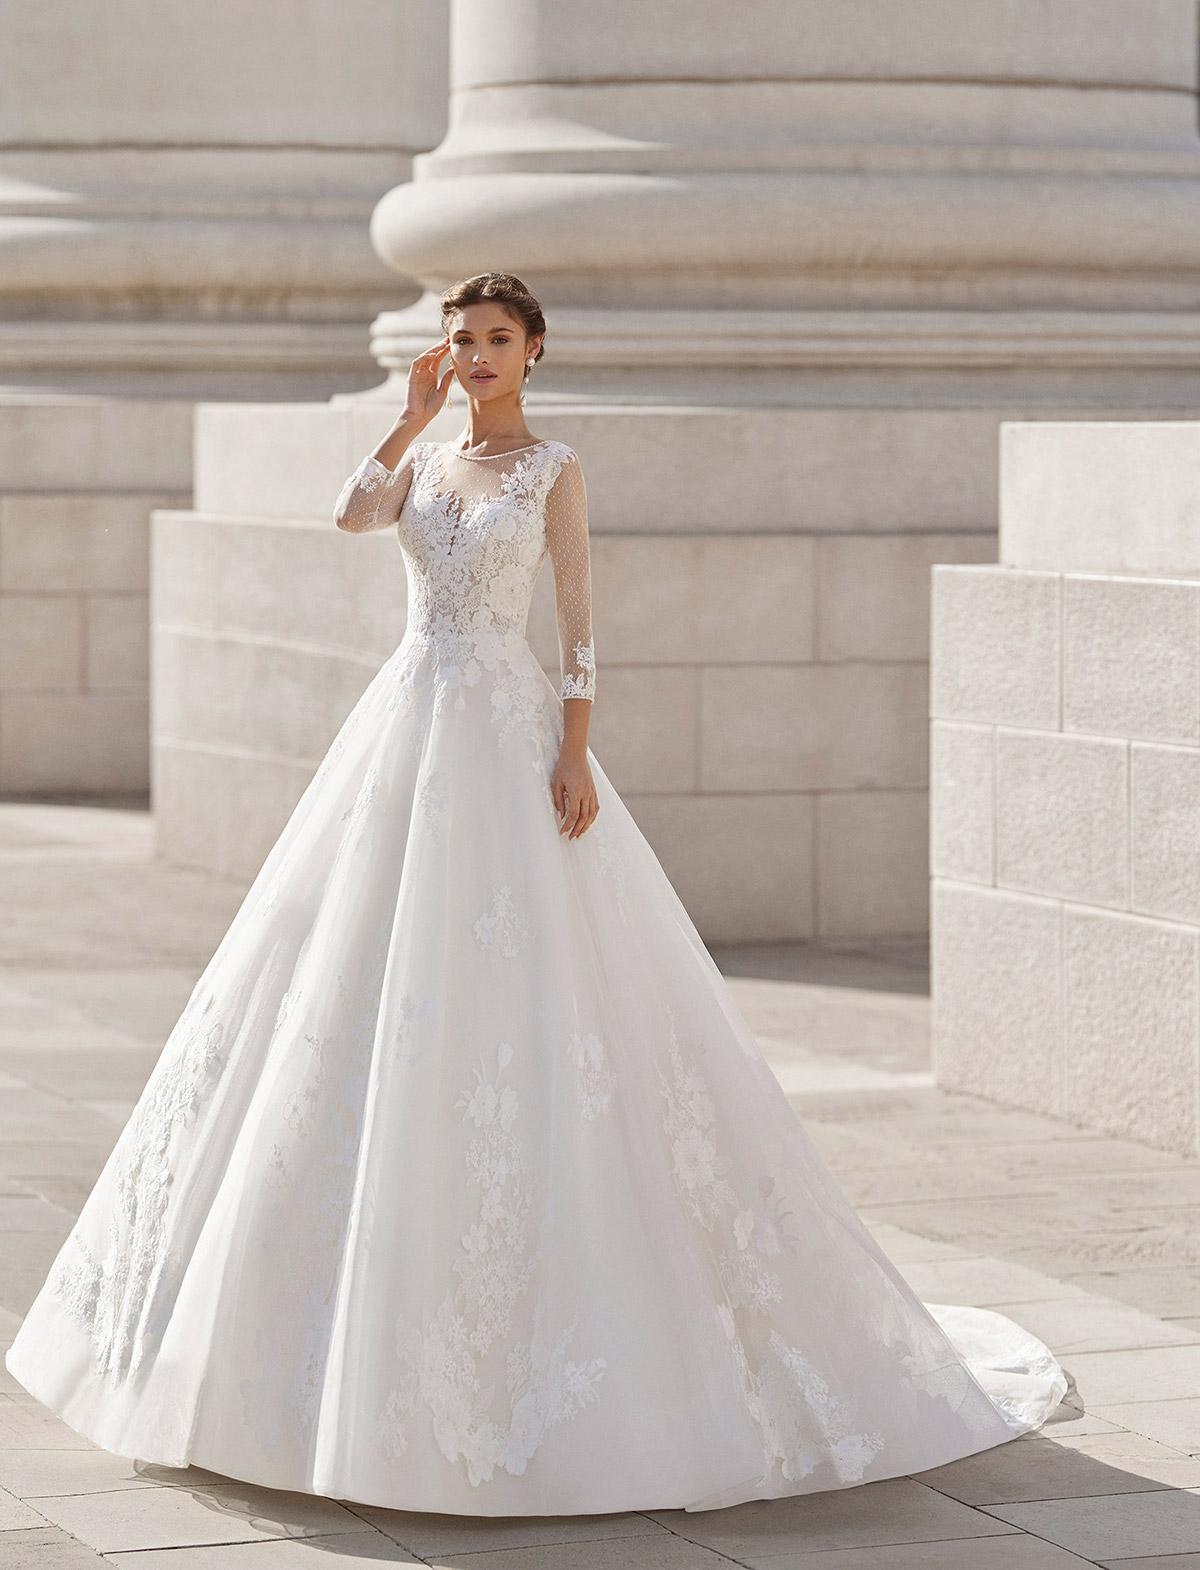 Rosa Clarà Abito Sposa 2022